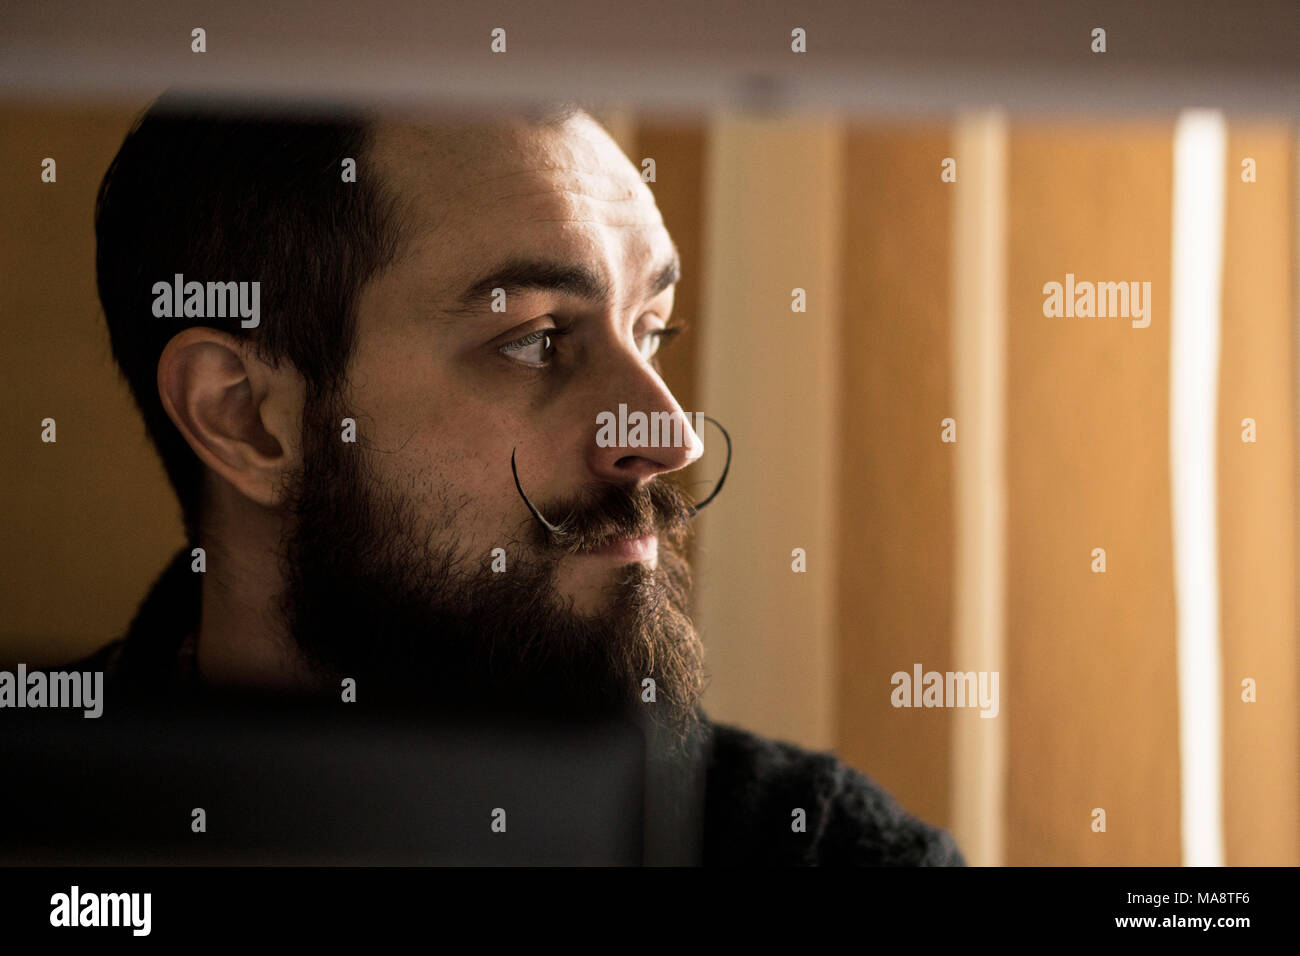 L'expression moderne, commis de bureau avec Mustages barbus travaillant avec un ordinateur portable au bureau Photo Stock